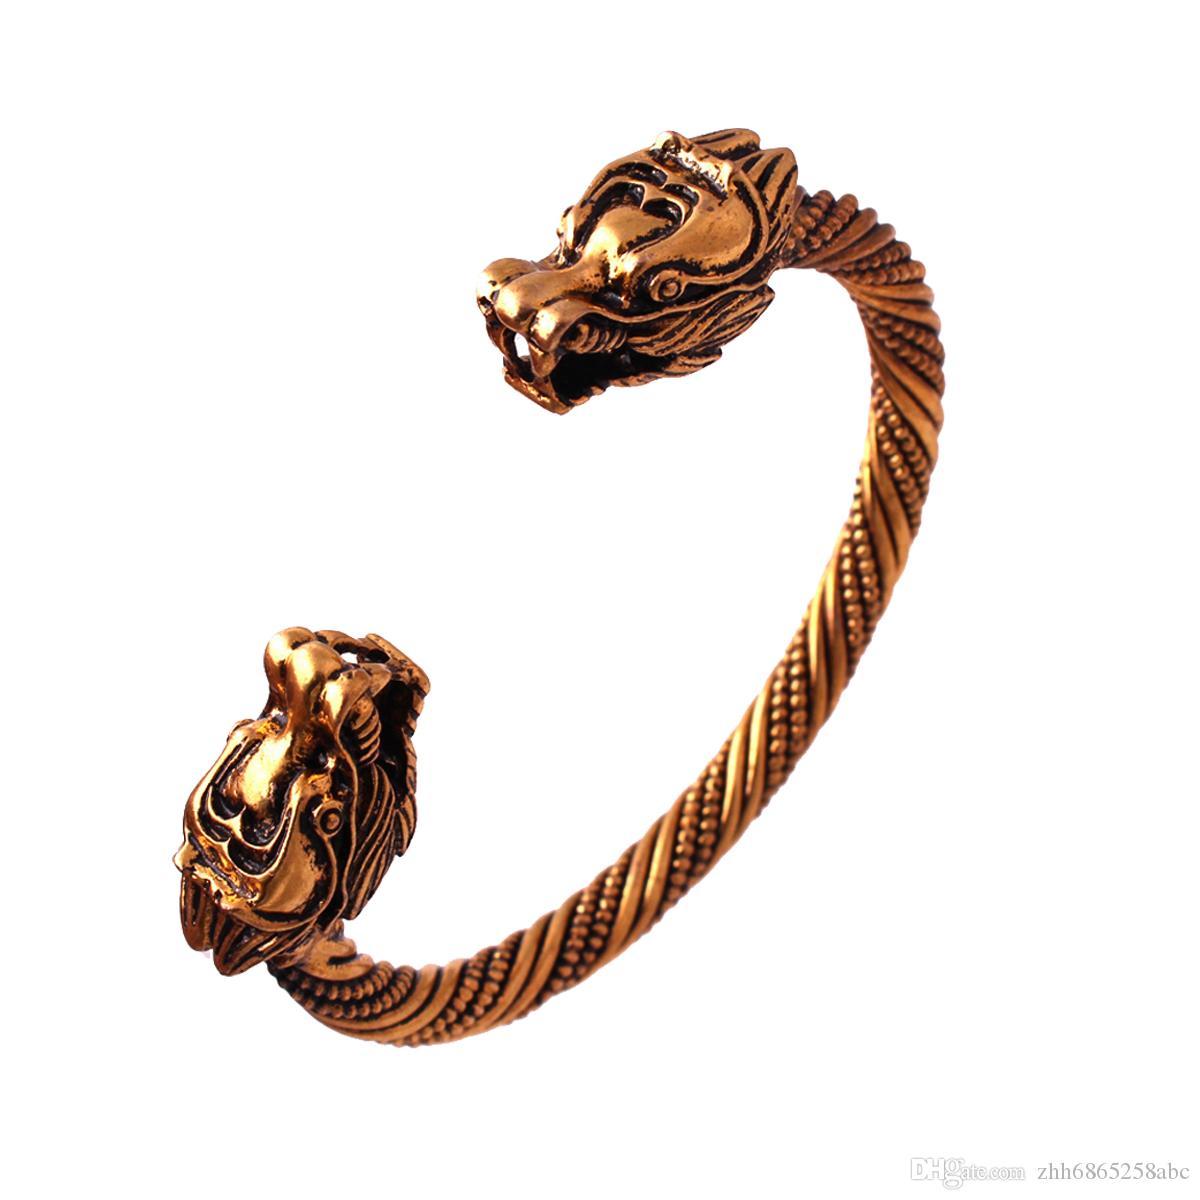 يكا تميمة سليمان باقان المجوهرات الفضة أو الذهب فايكنغ التنين سوار هائج فايكنغ الإسورة الإسورة الاسكندنافية الشمال مجوهرات